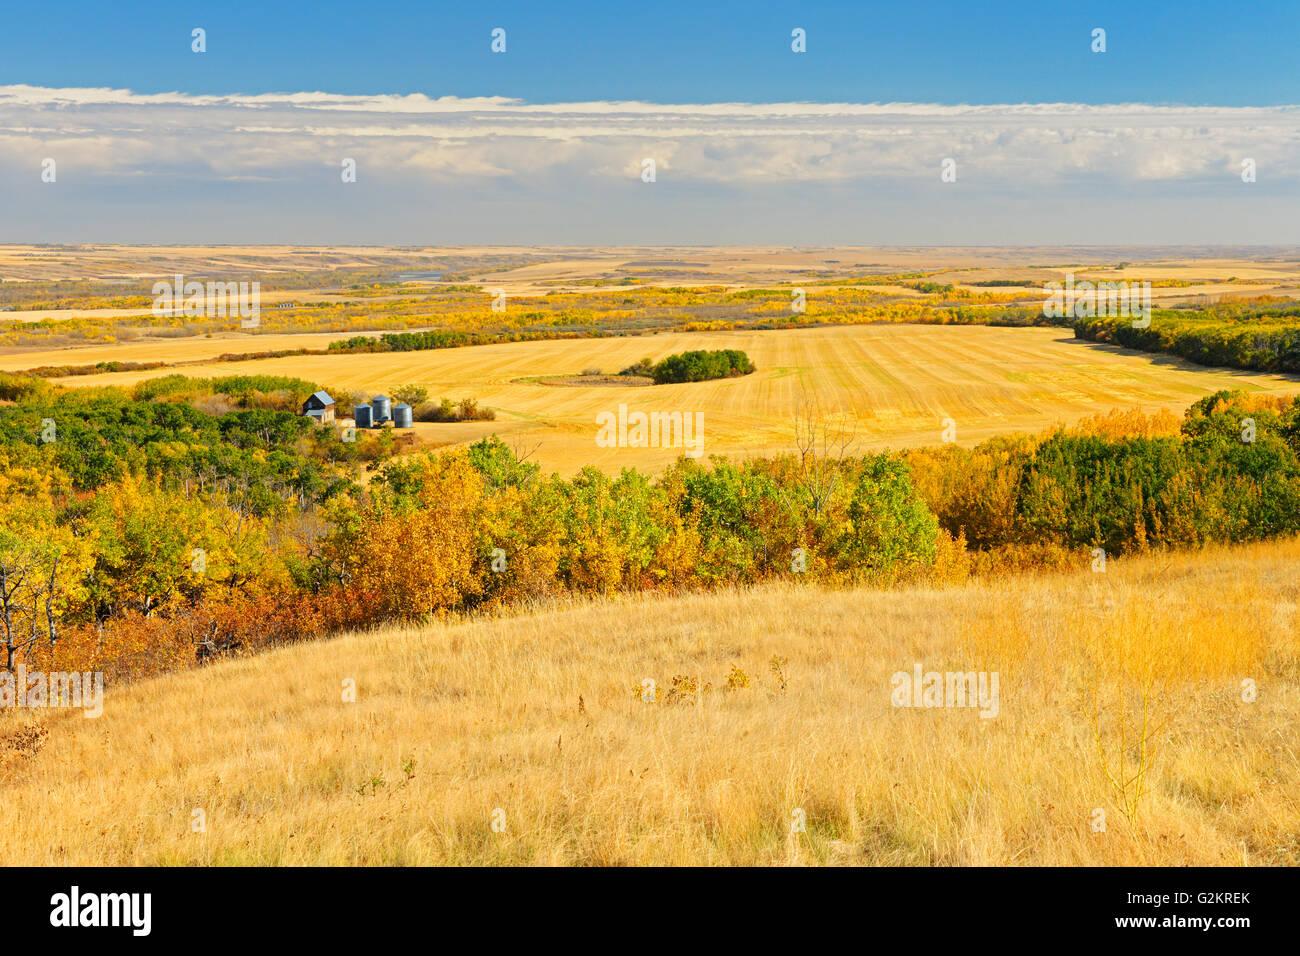 Farmland of 'Bolton Farm' Baljennie Saskatchewan Canada - Stock Image